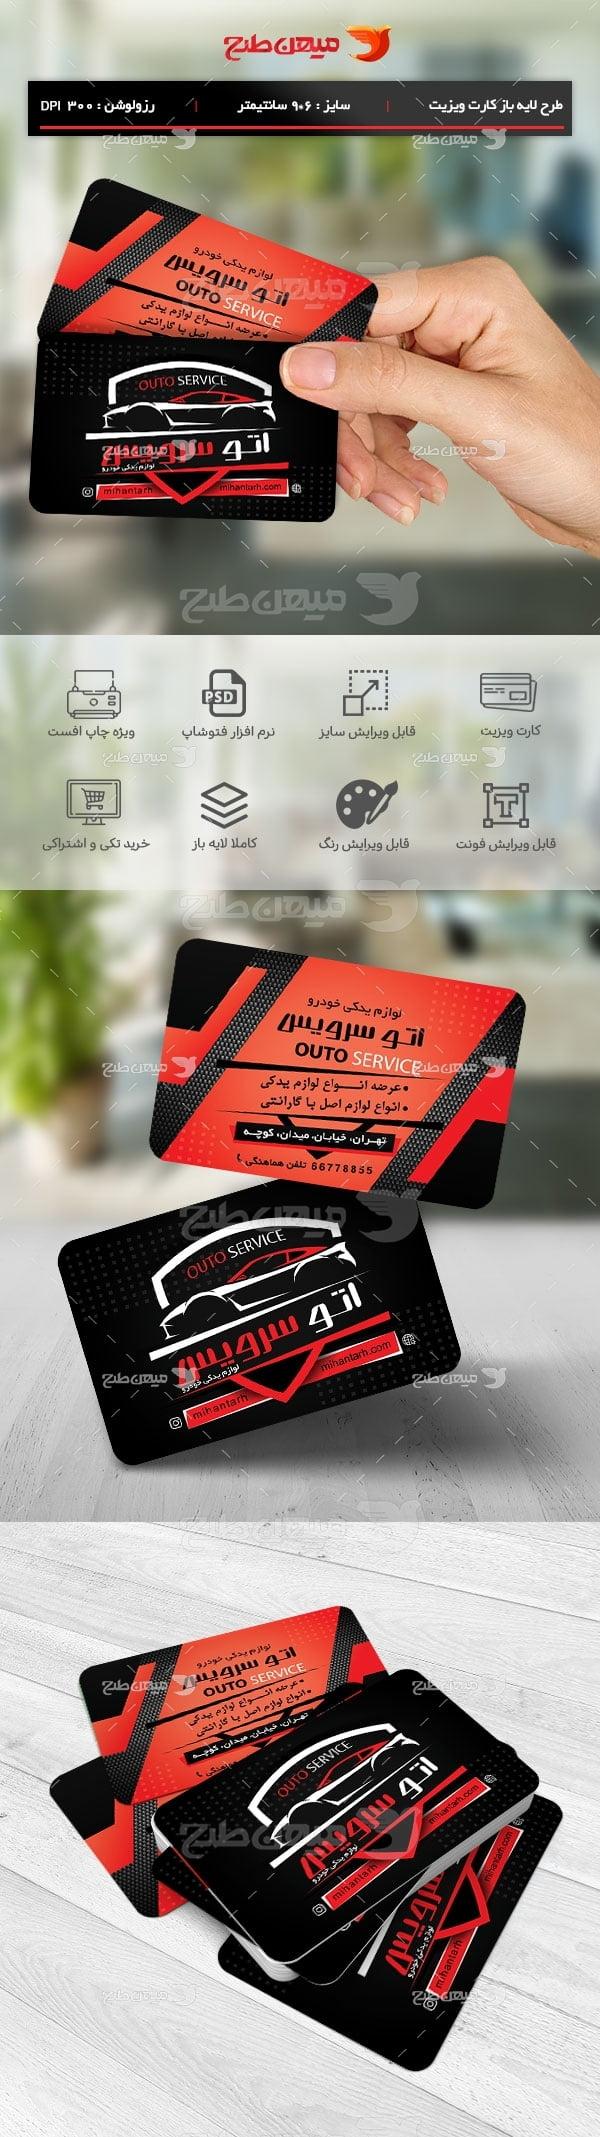 طرح لایه باز کارت ویزیت لوازم یدکی اتومبیل اتو سرویس